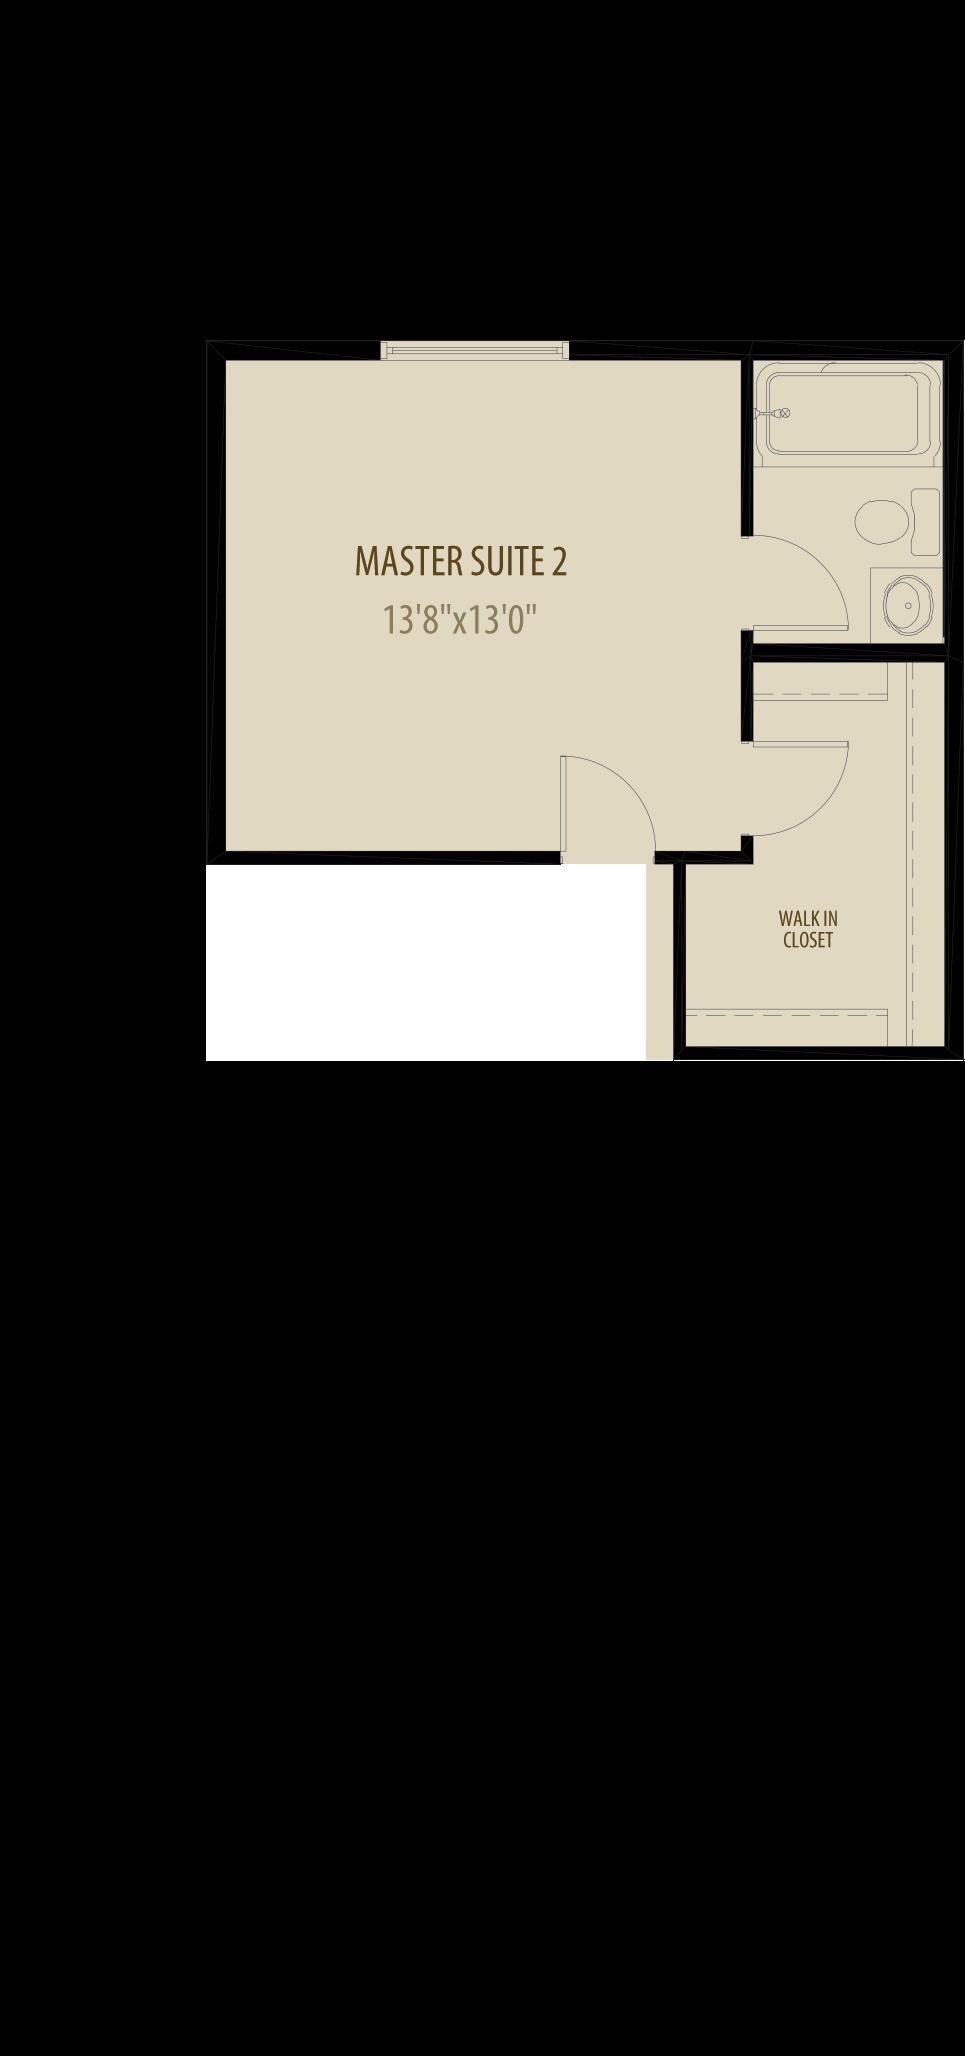 Dual Master Suites